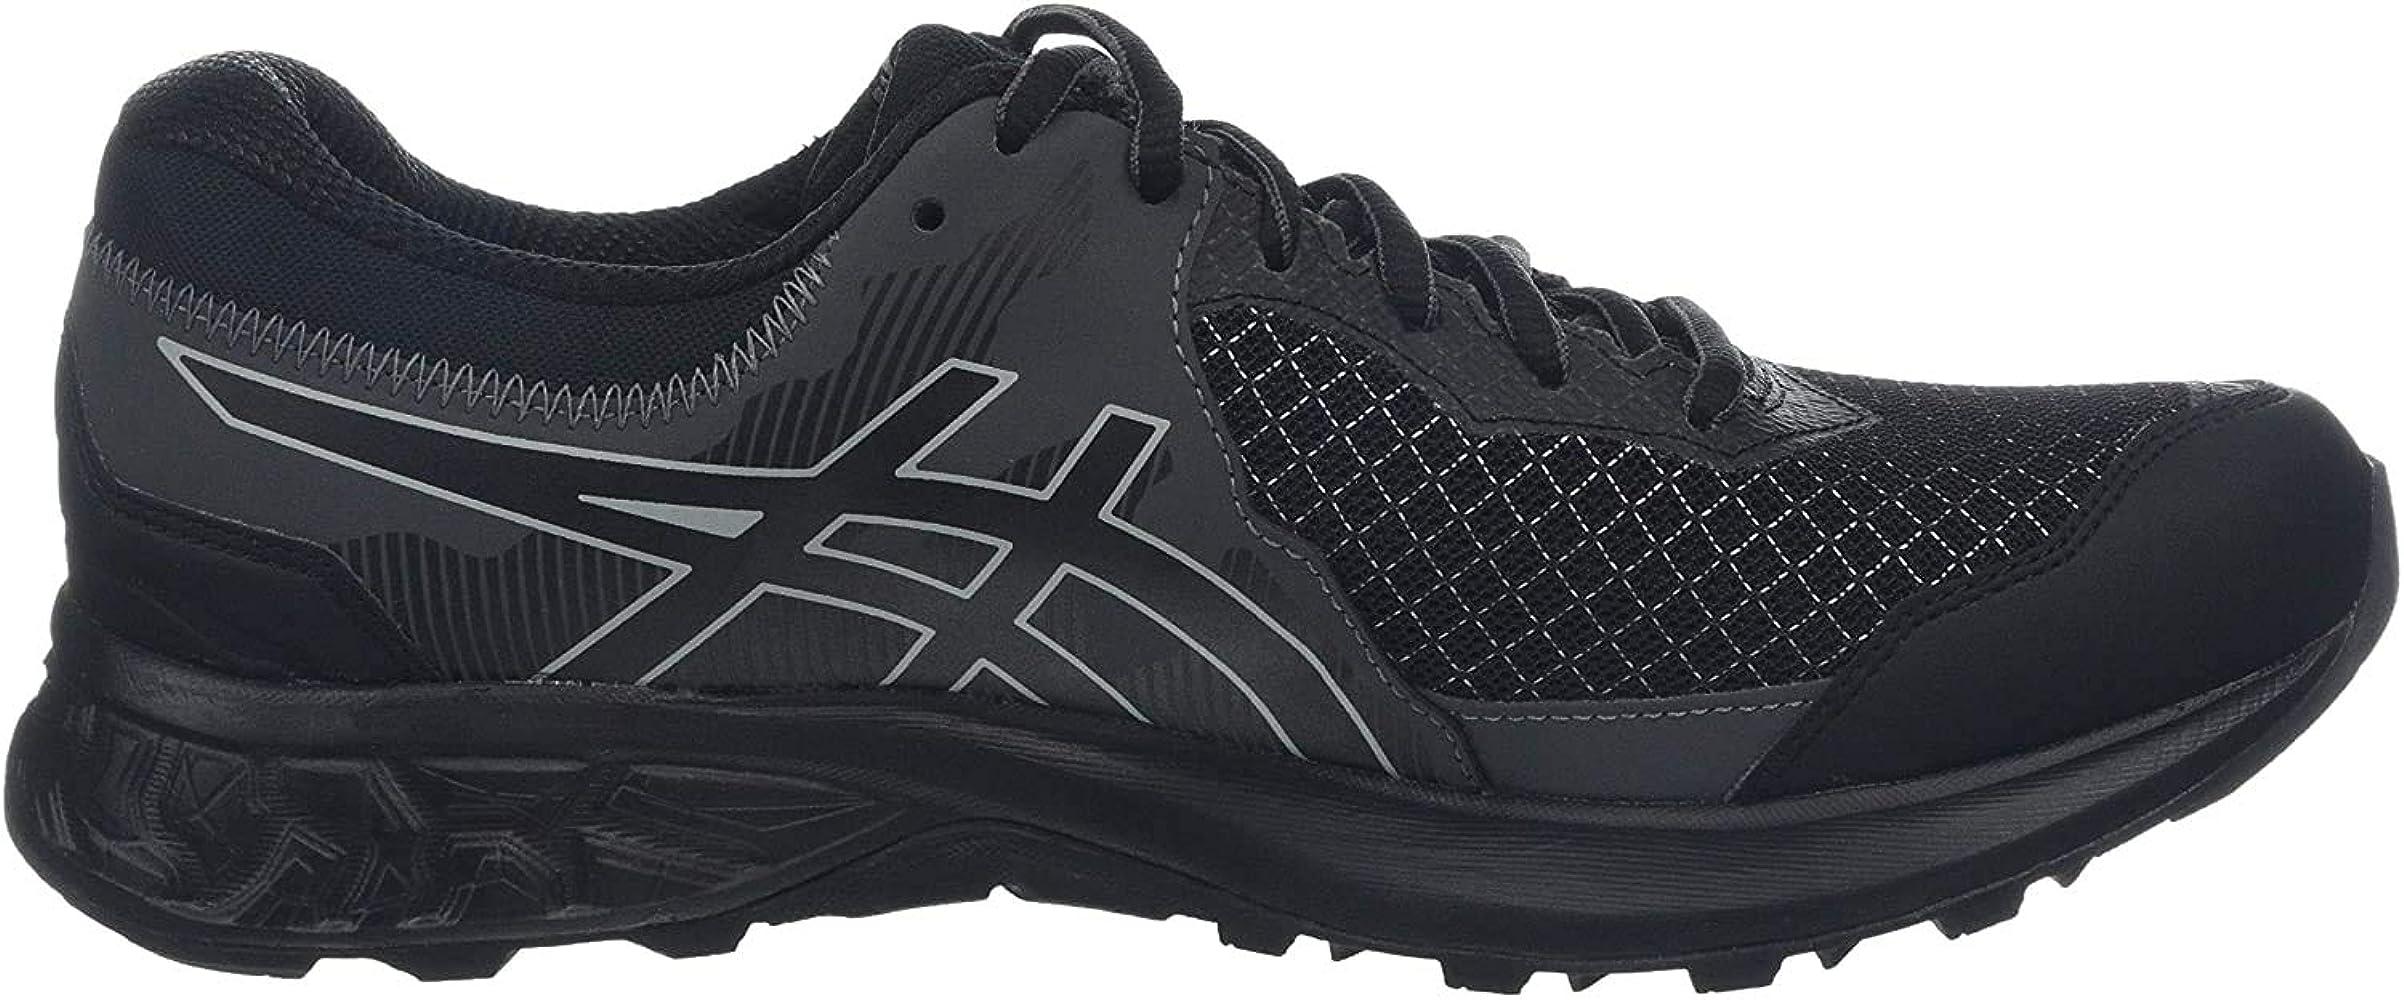 Asics Gel-Sonoma 4 G-TX 1011a210-001, Zapatillas de Entrenamiento ...